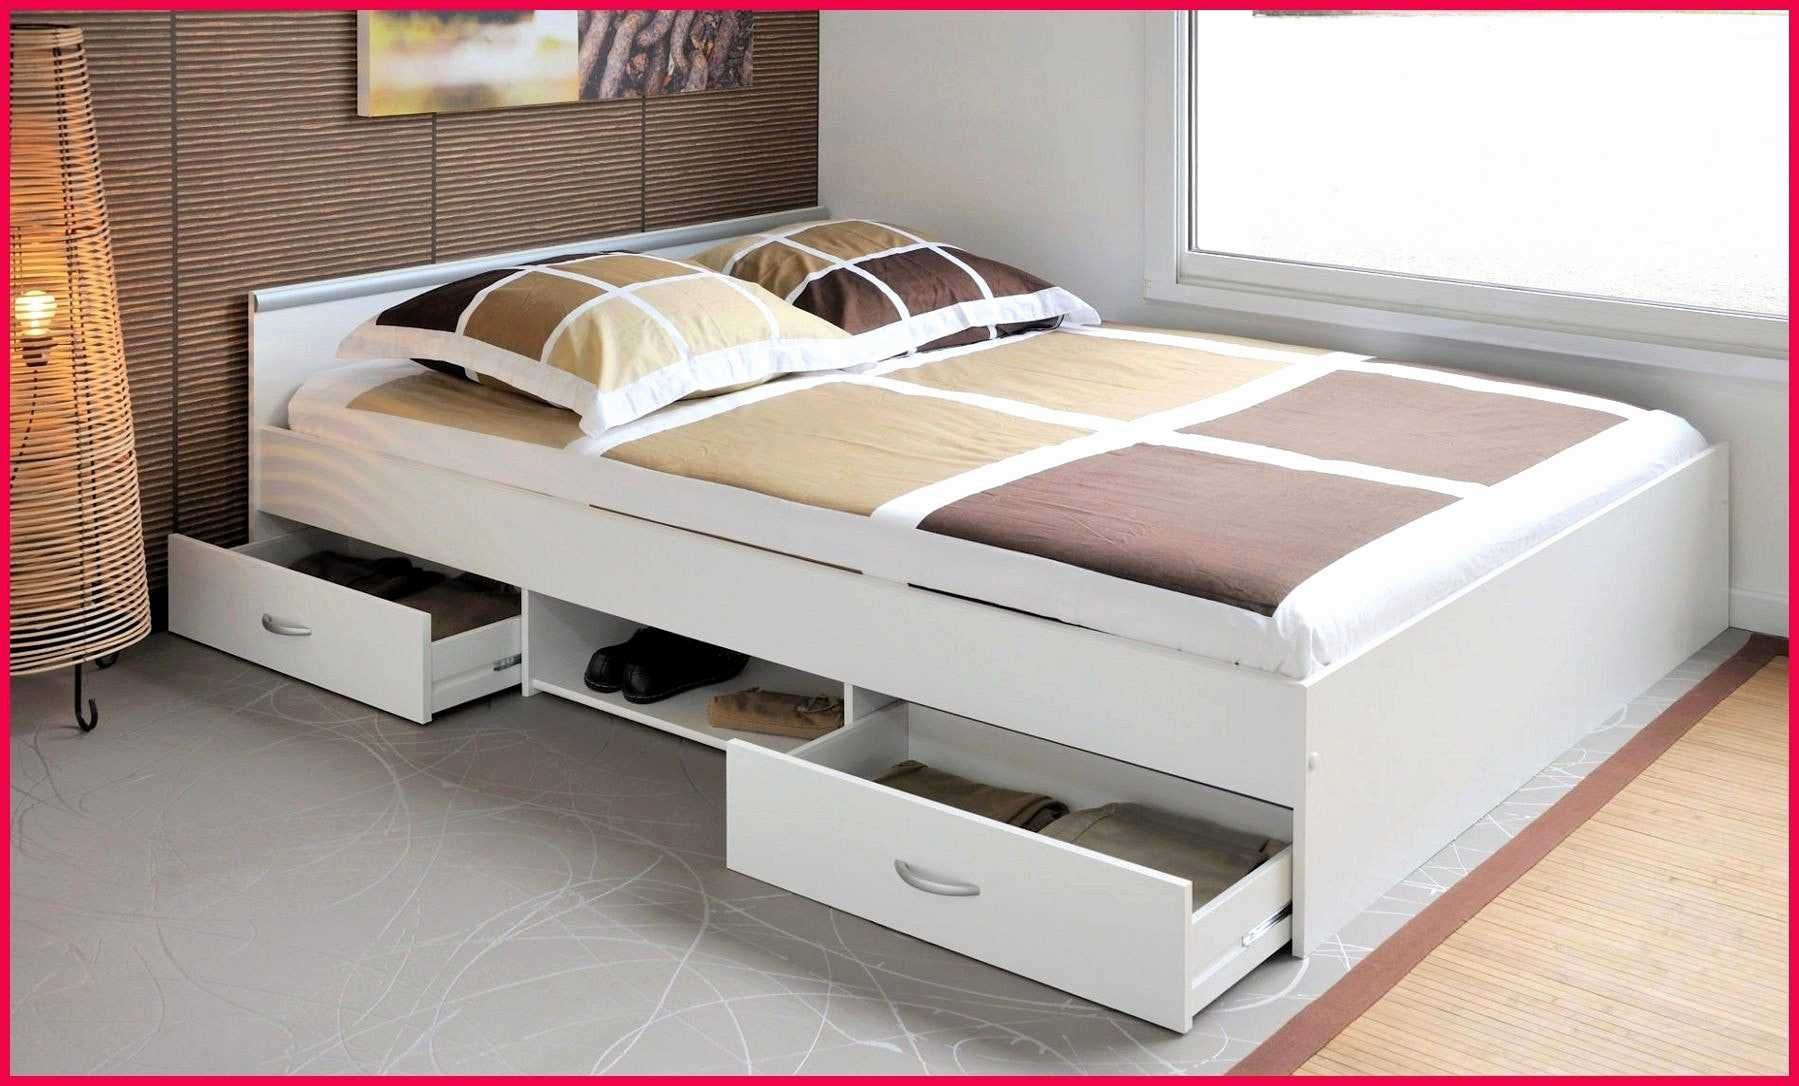 Lit Superposé Avec Rangement Le Luxe Remarquable Canapé Lit Superposé Et 28 Inspiration Cabane De Lit